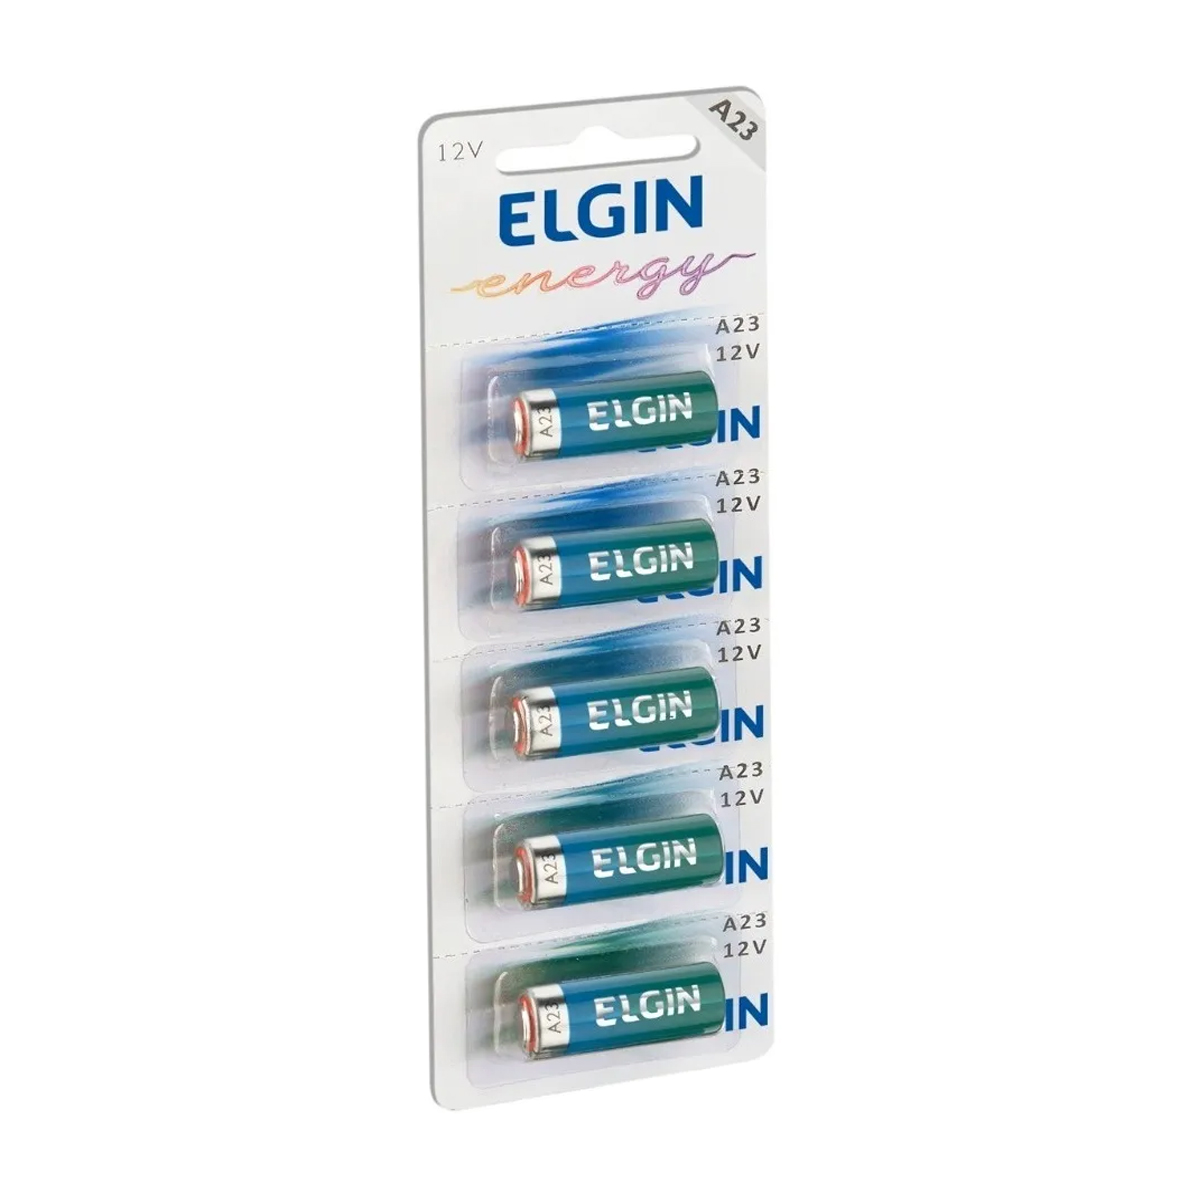 5pcs Pilha 12v A23 Elgin Original Controle Portão Alarme